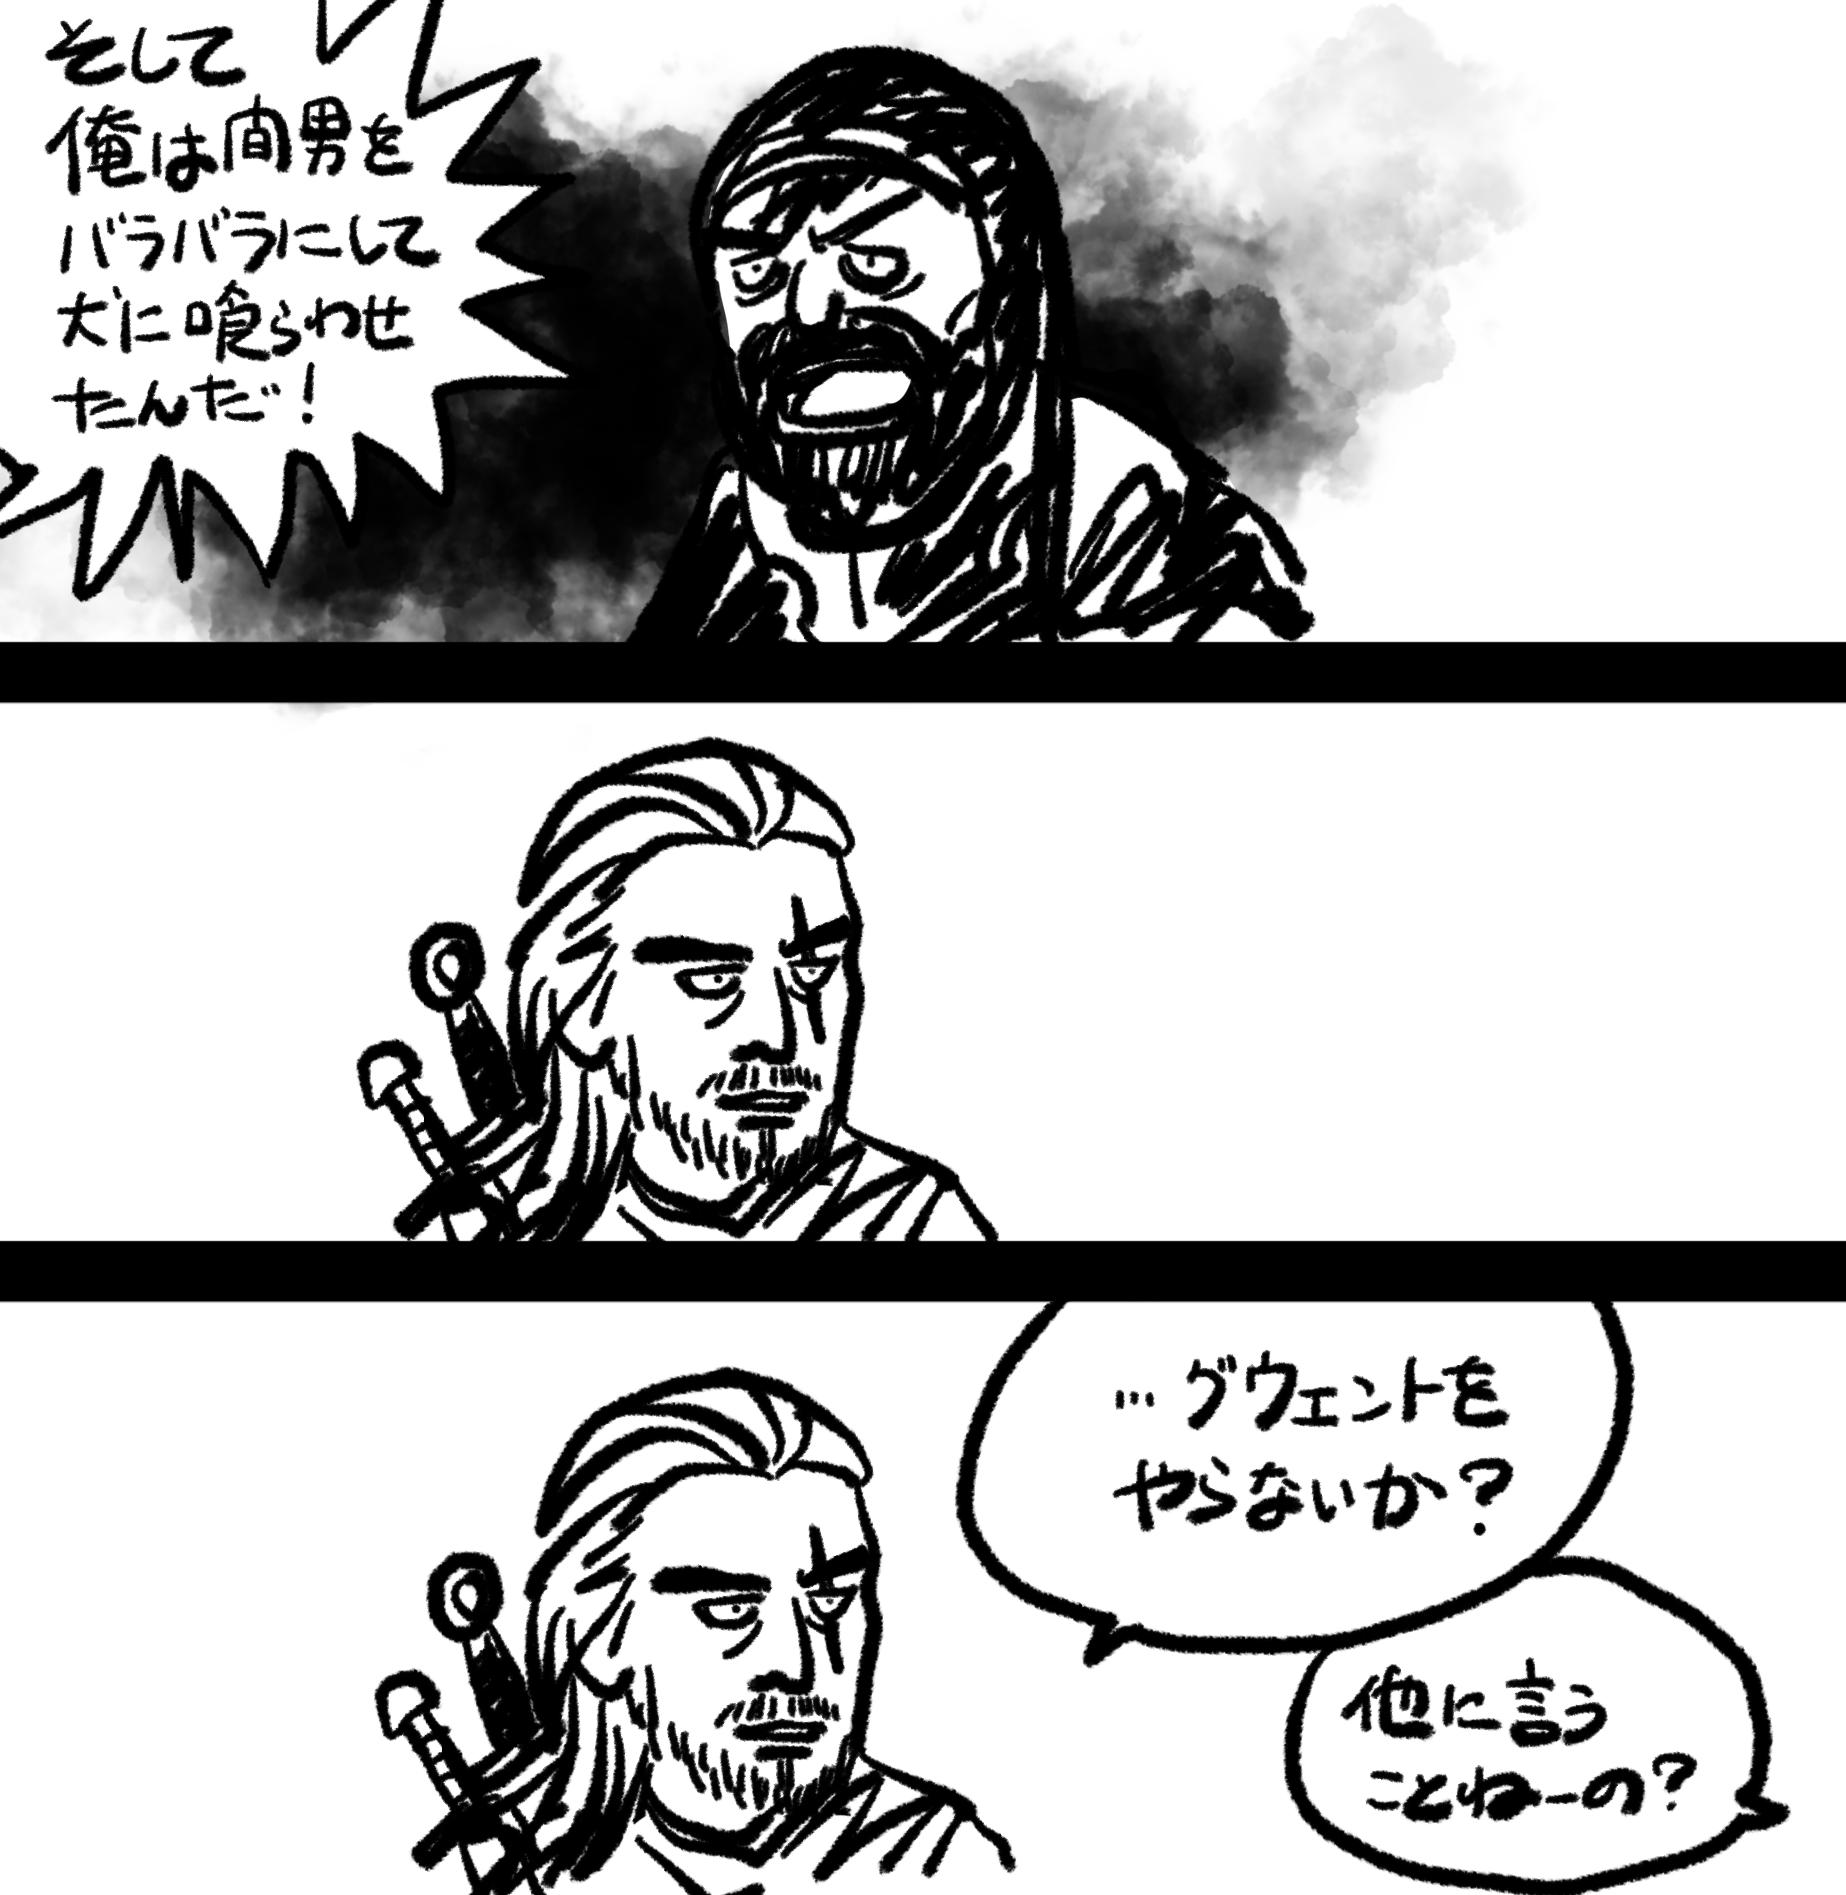 ウィッチャー3:グウェントをやらないか・漫画